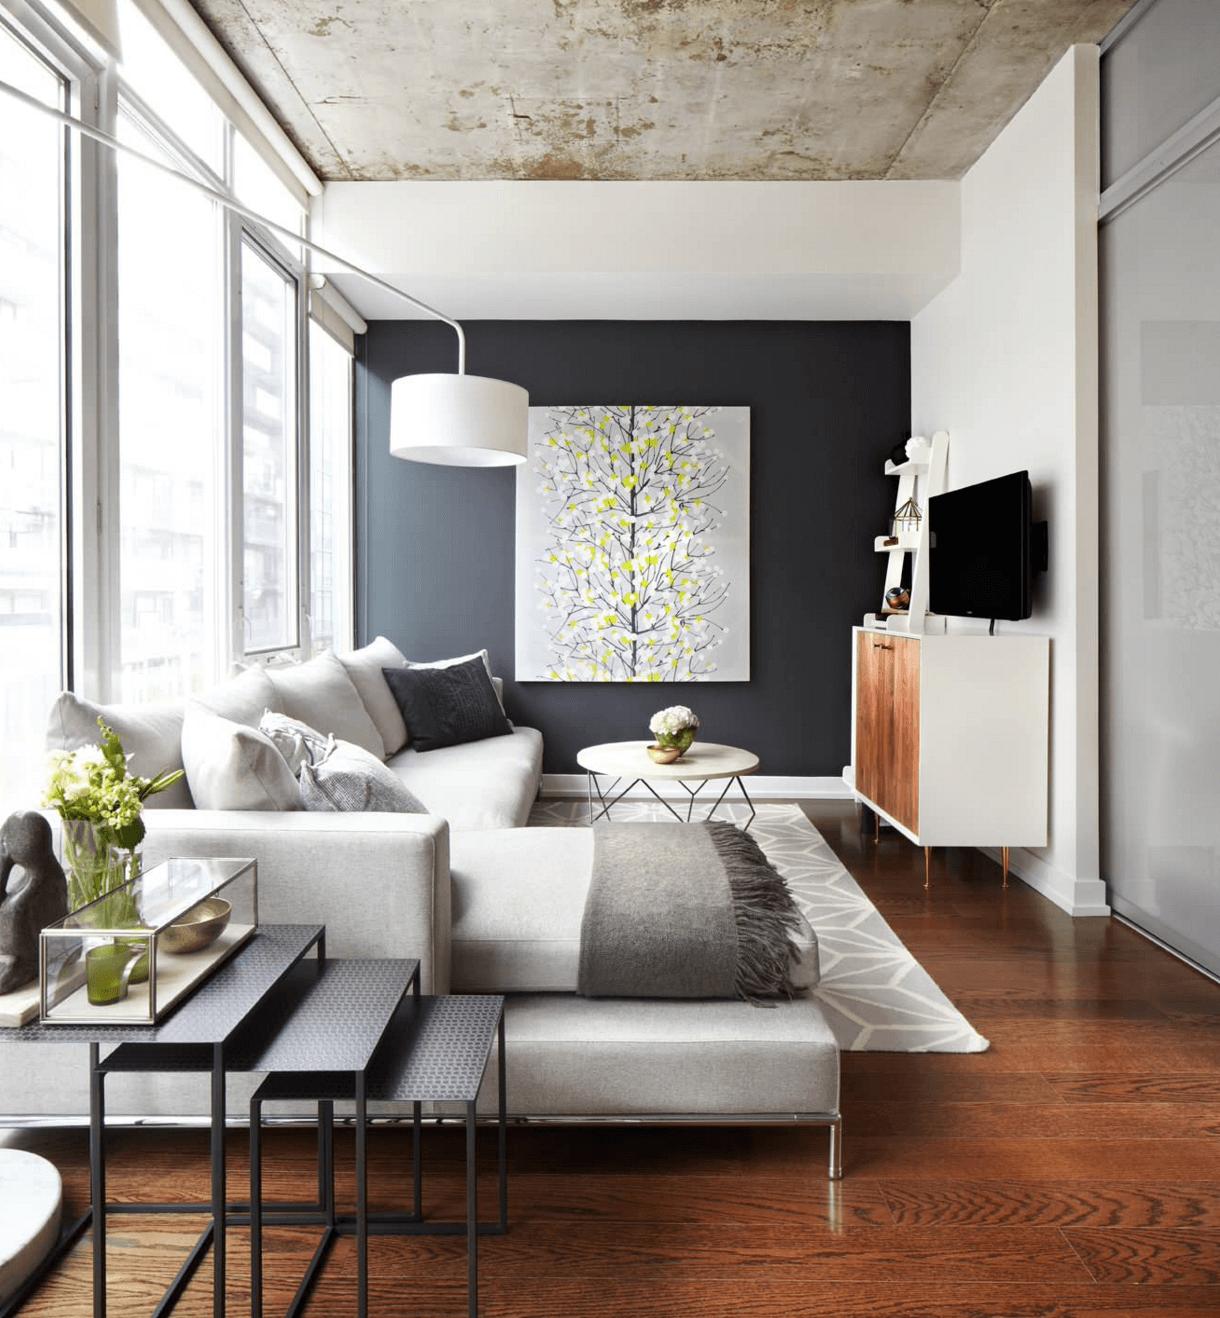 Интересные идеи для квартиры интерьер